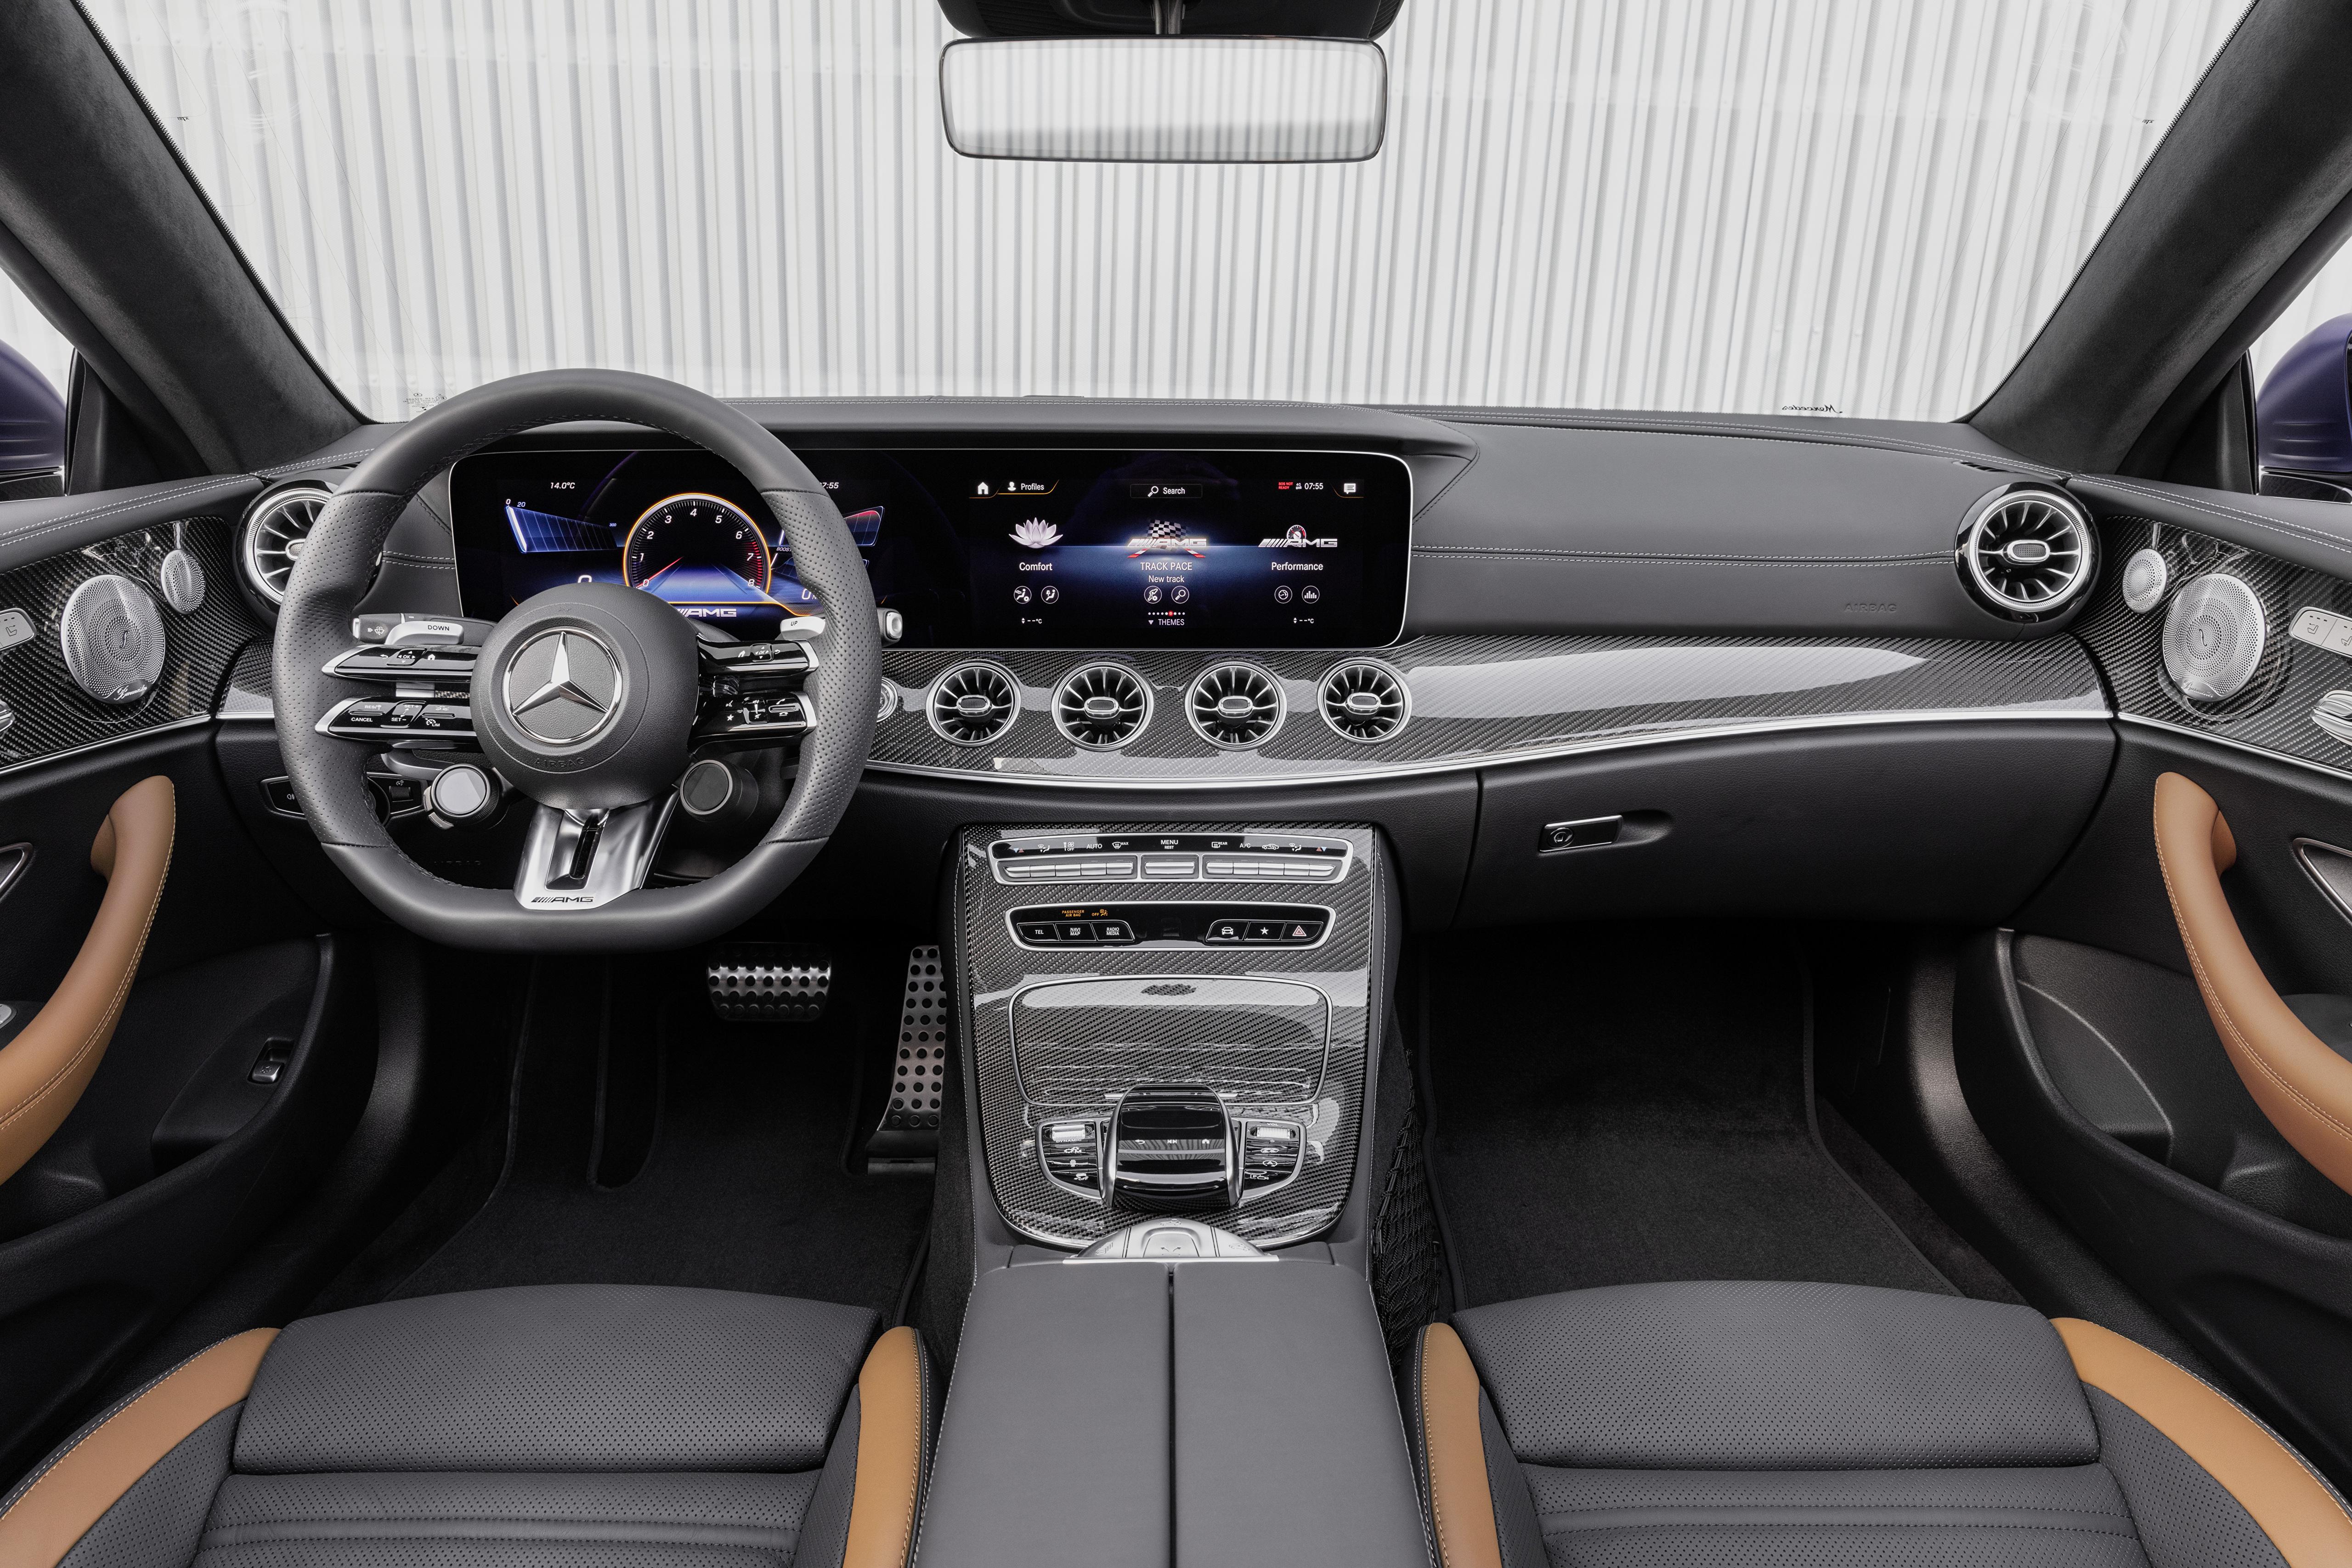 Foto Salons Mercedes-Benz Lenkrad E 53 4MATIC, Cabrio Worldwide, A238, 2020 Cabriolet Autos 5120x3413 auto automobil